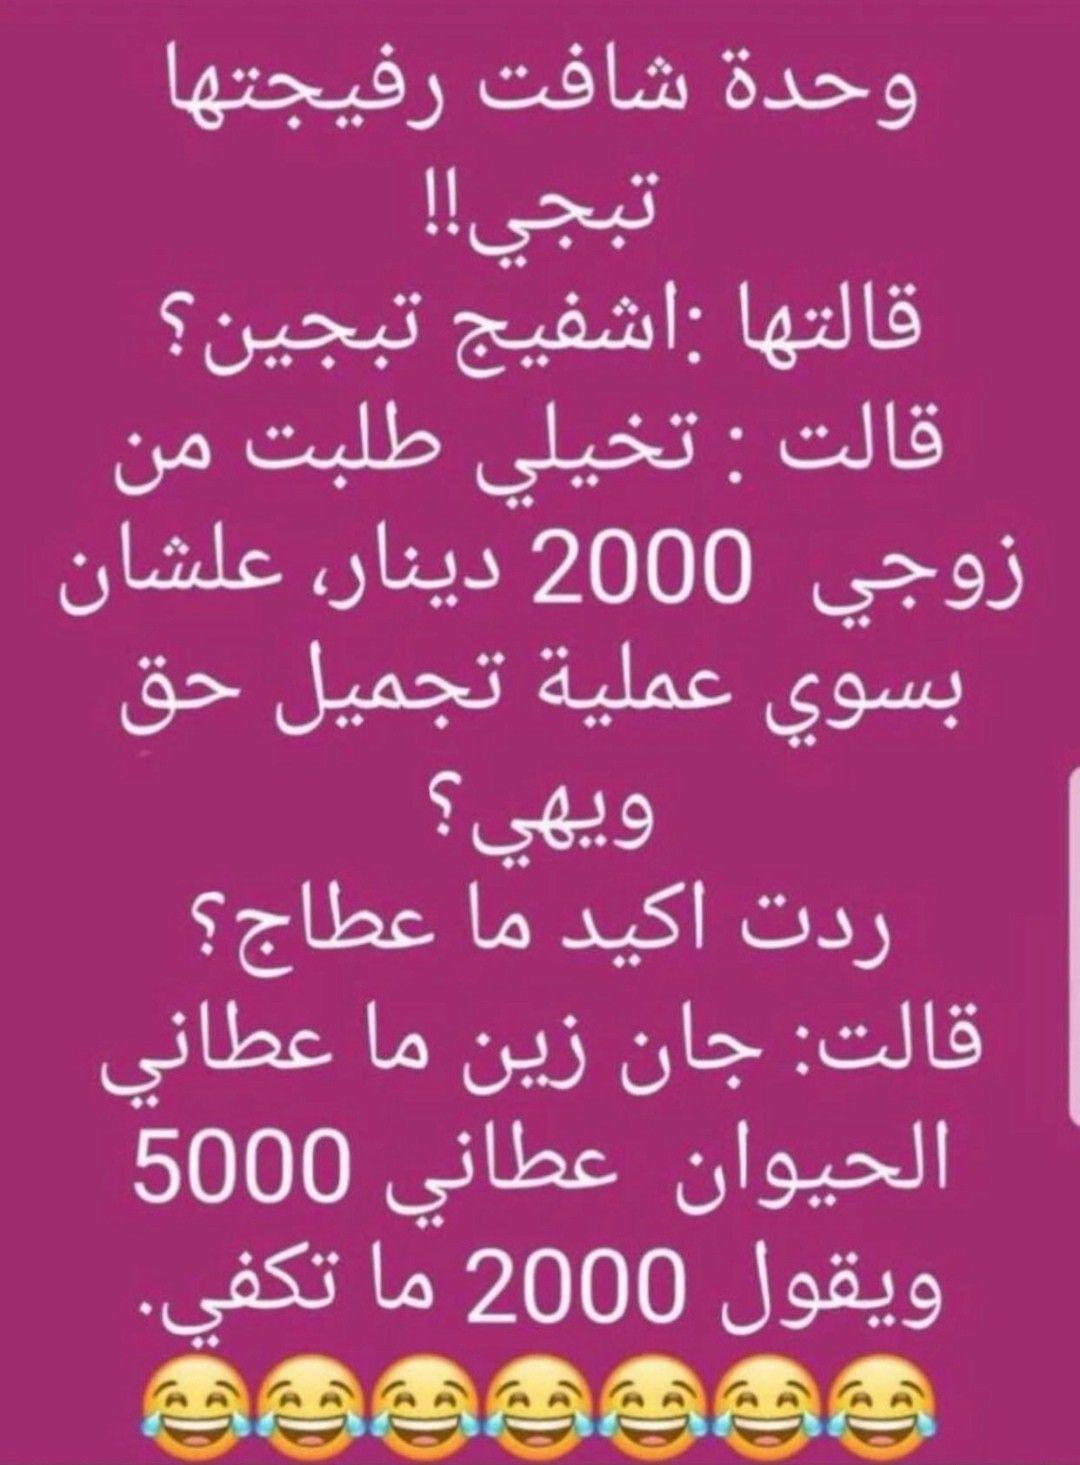 صدمها الله يصدمه Mood Quotes Arabic Quotes Arabic Words